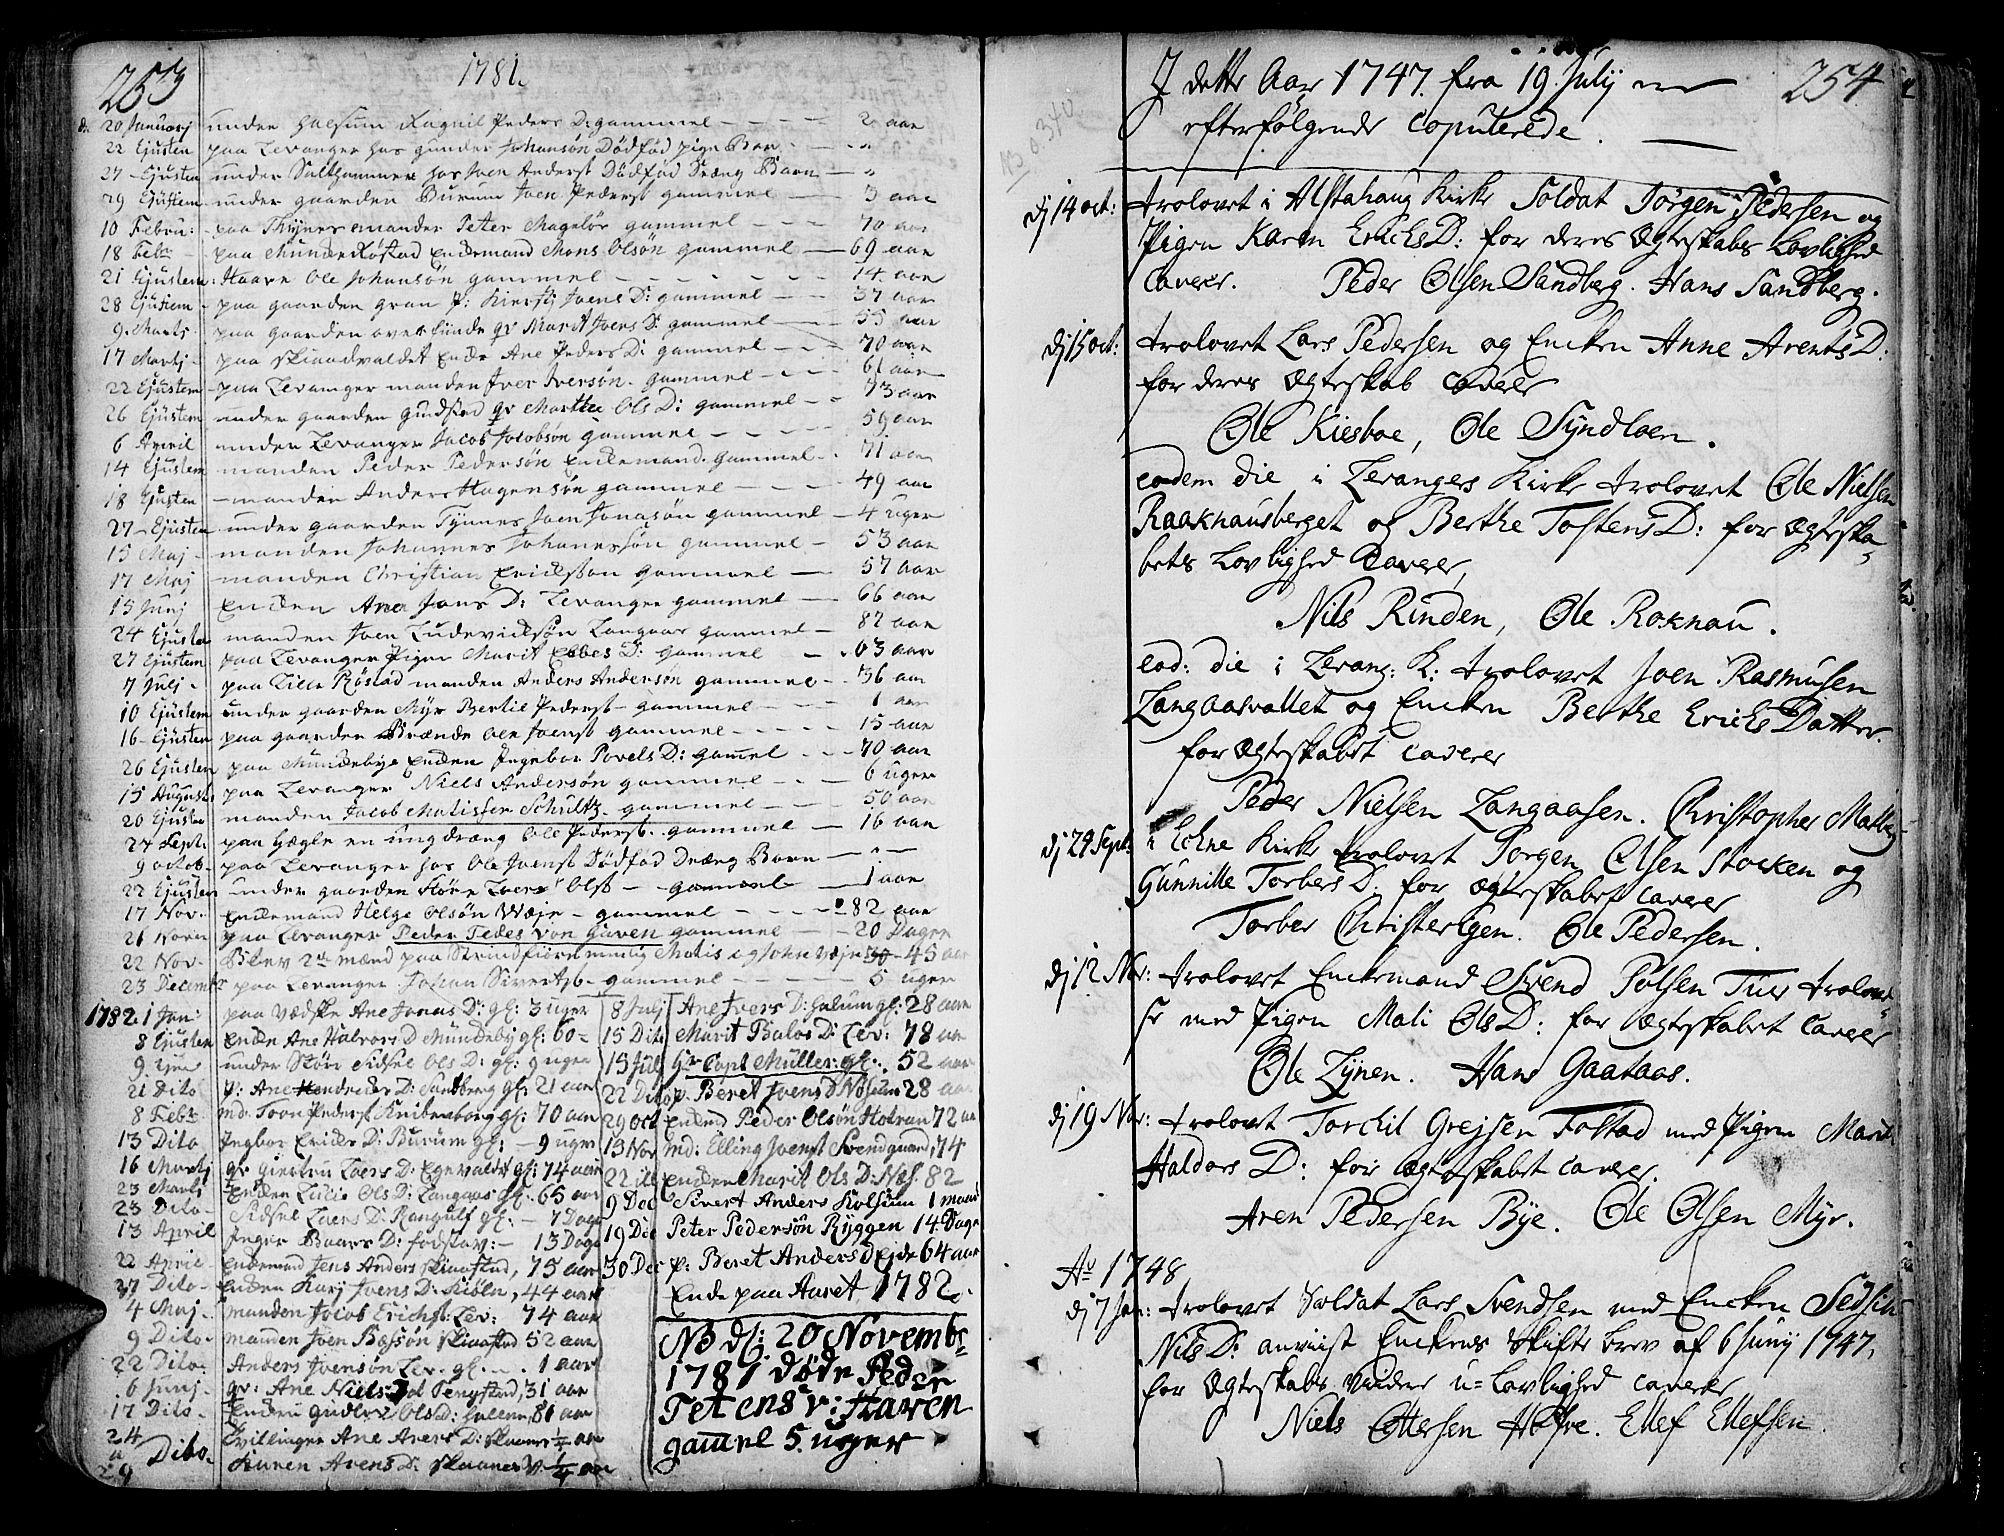 SAT, Ministerialprotokoller, klokkerbøker og fødselsregistre - Nord-Trøndelag, 717/L0141: Ministerialbok nr. 717A01, 1747-1803, s. 253-254